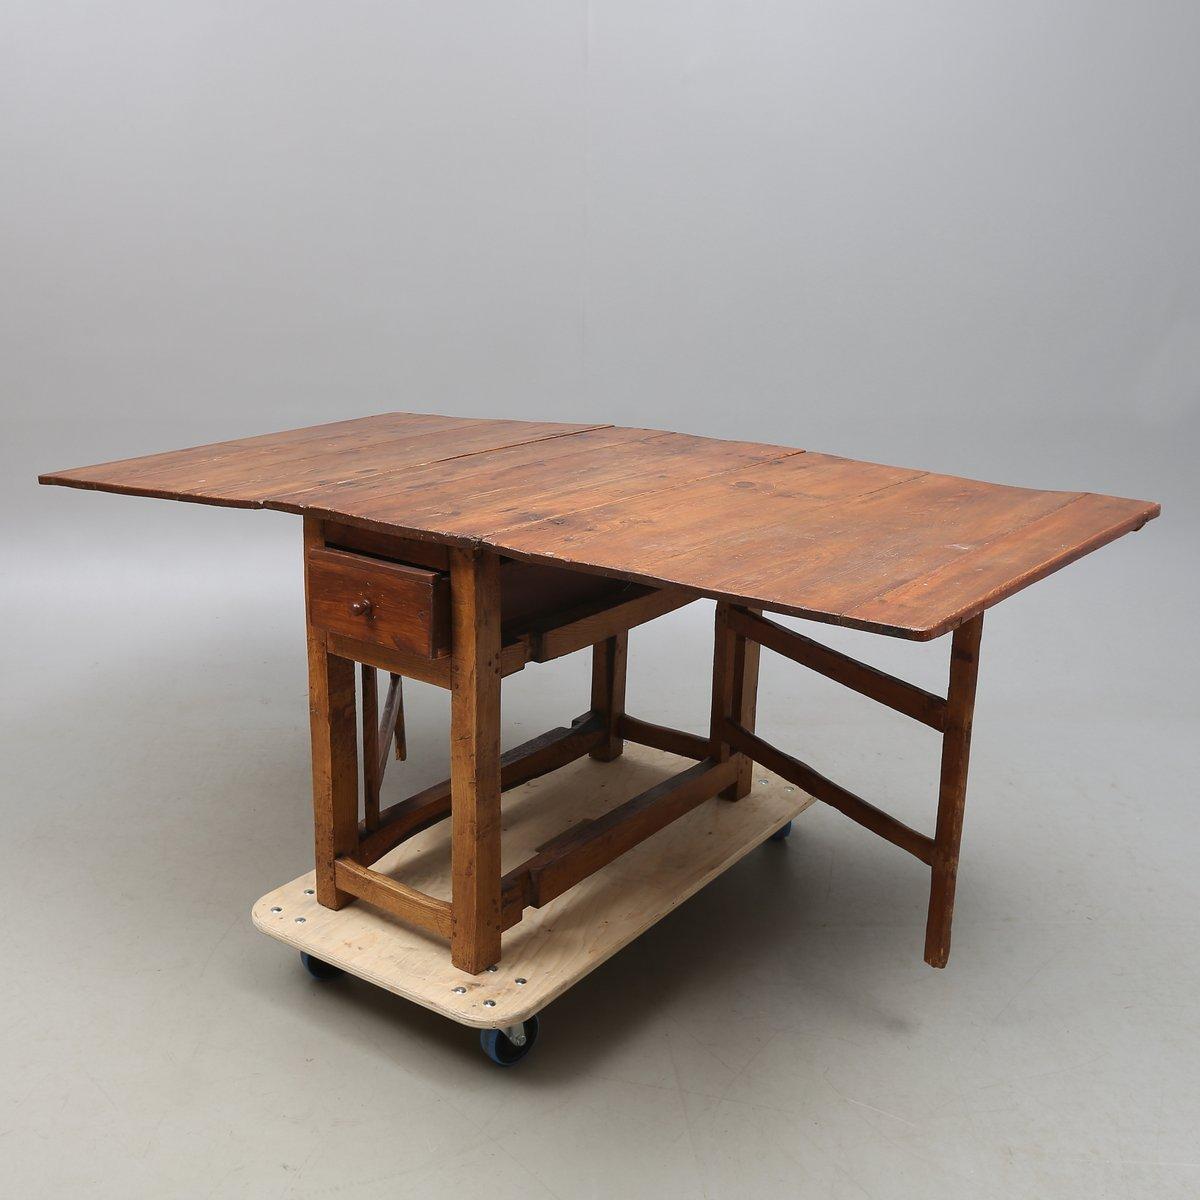 Tavolo antico allungabile in quercia, Svezia in vendita su Pamono